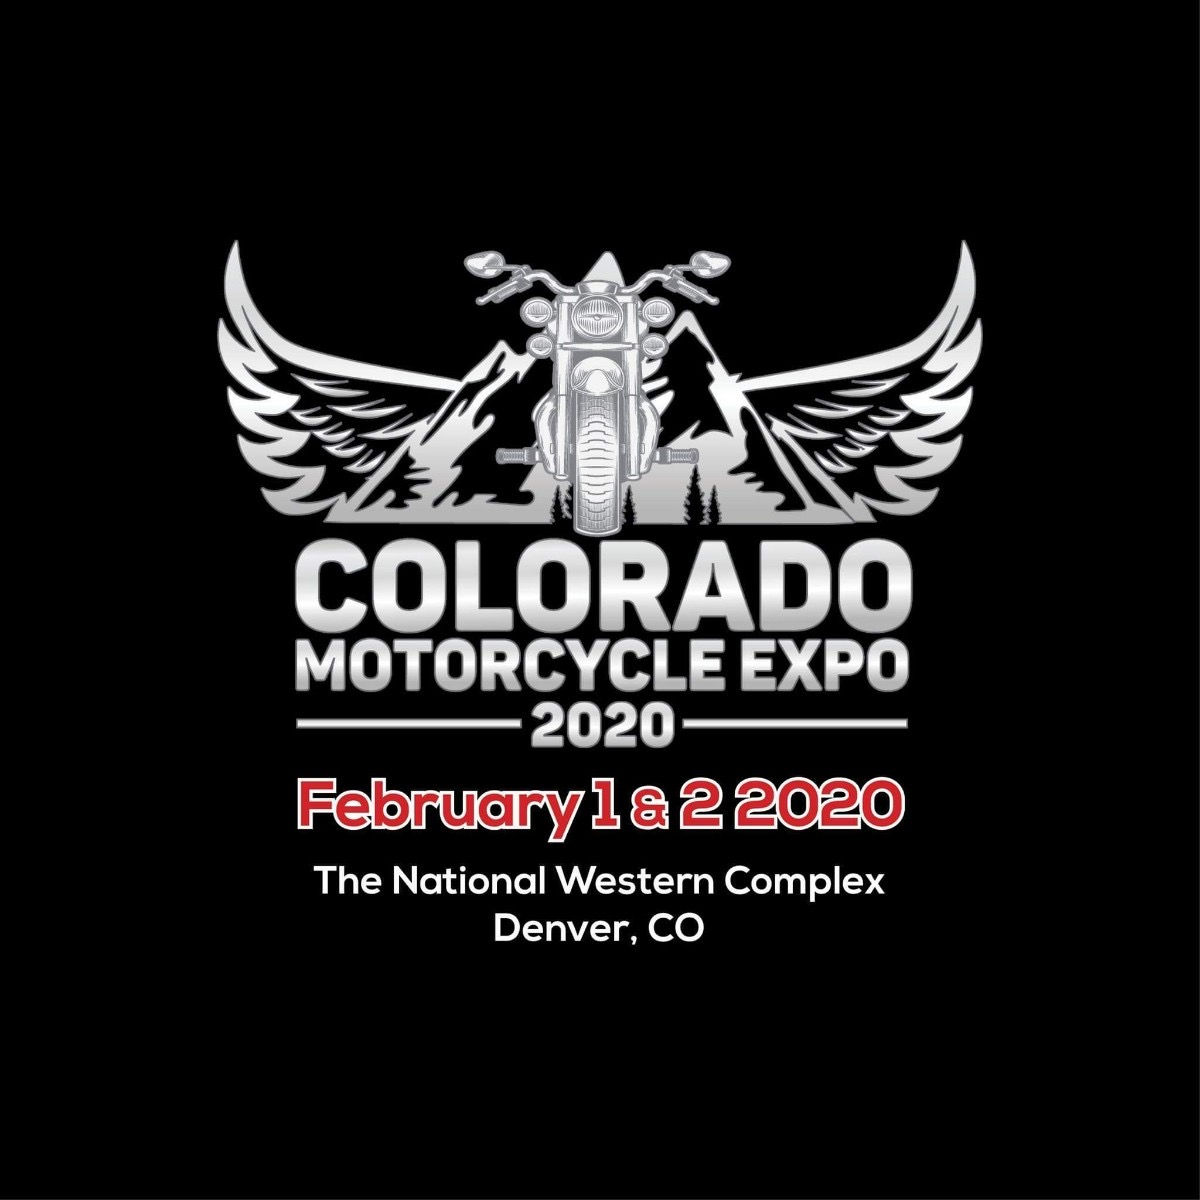 Nebraska Motorcycle Events 2020.2020 Colorado Motorcycle Expo Colorado Bike Shows Events